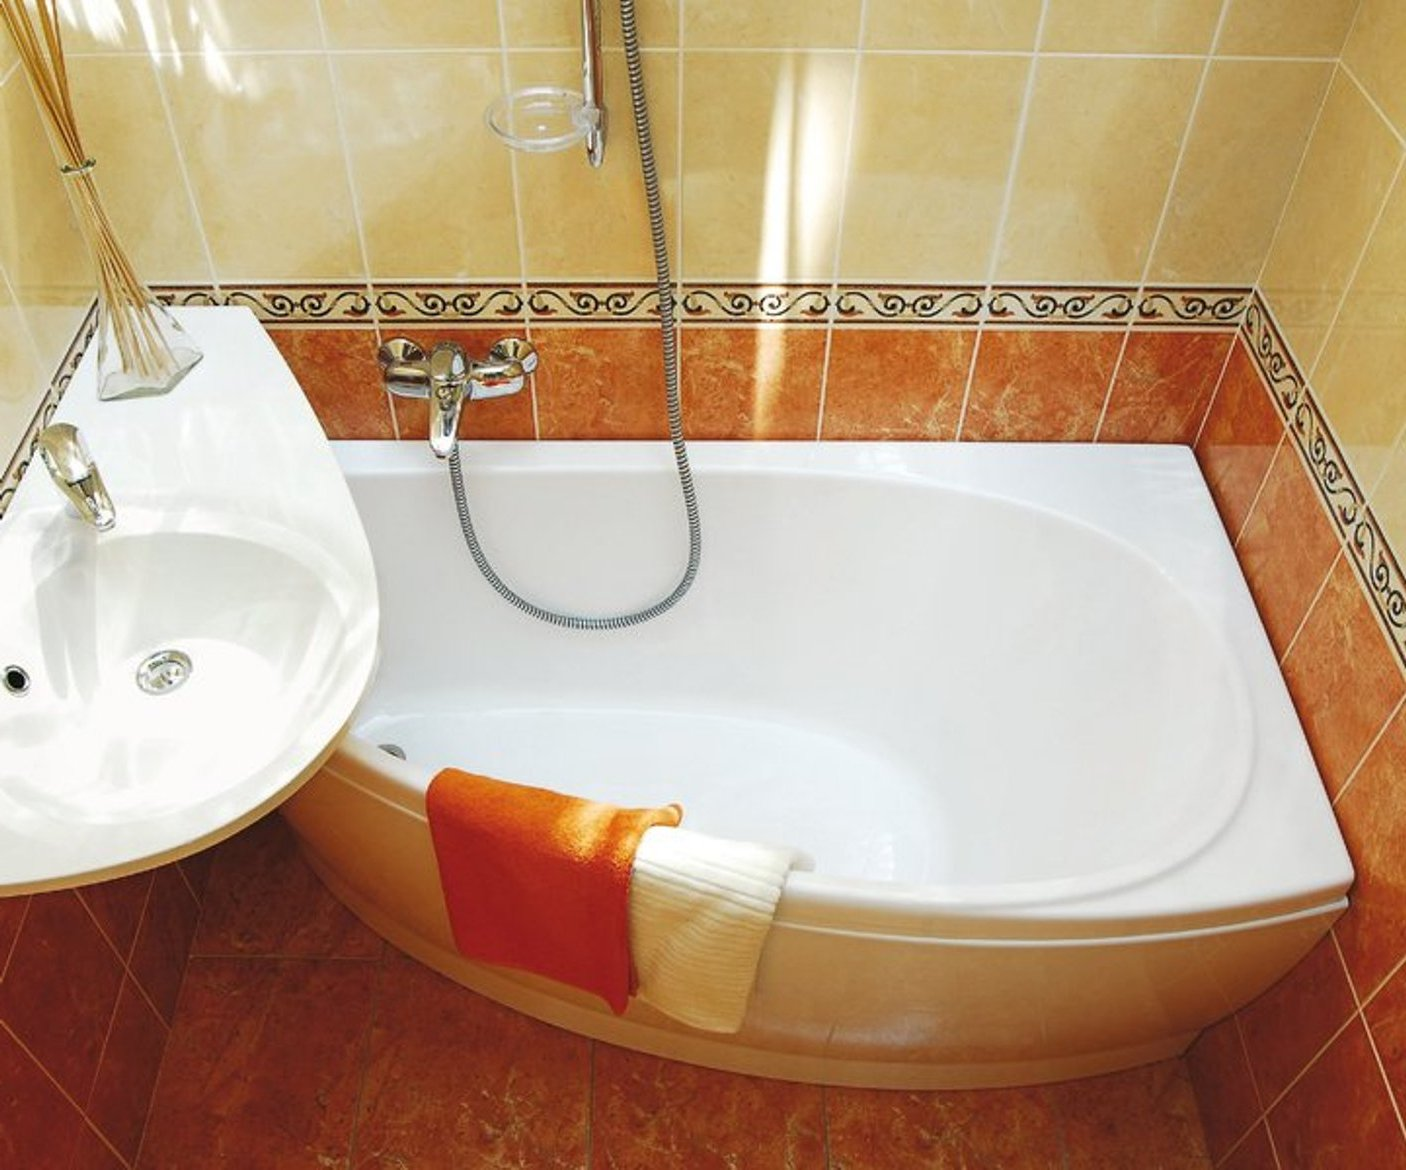 Ванные комнаты маленькие дизайн с угловой ванной